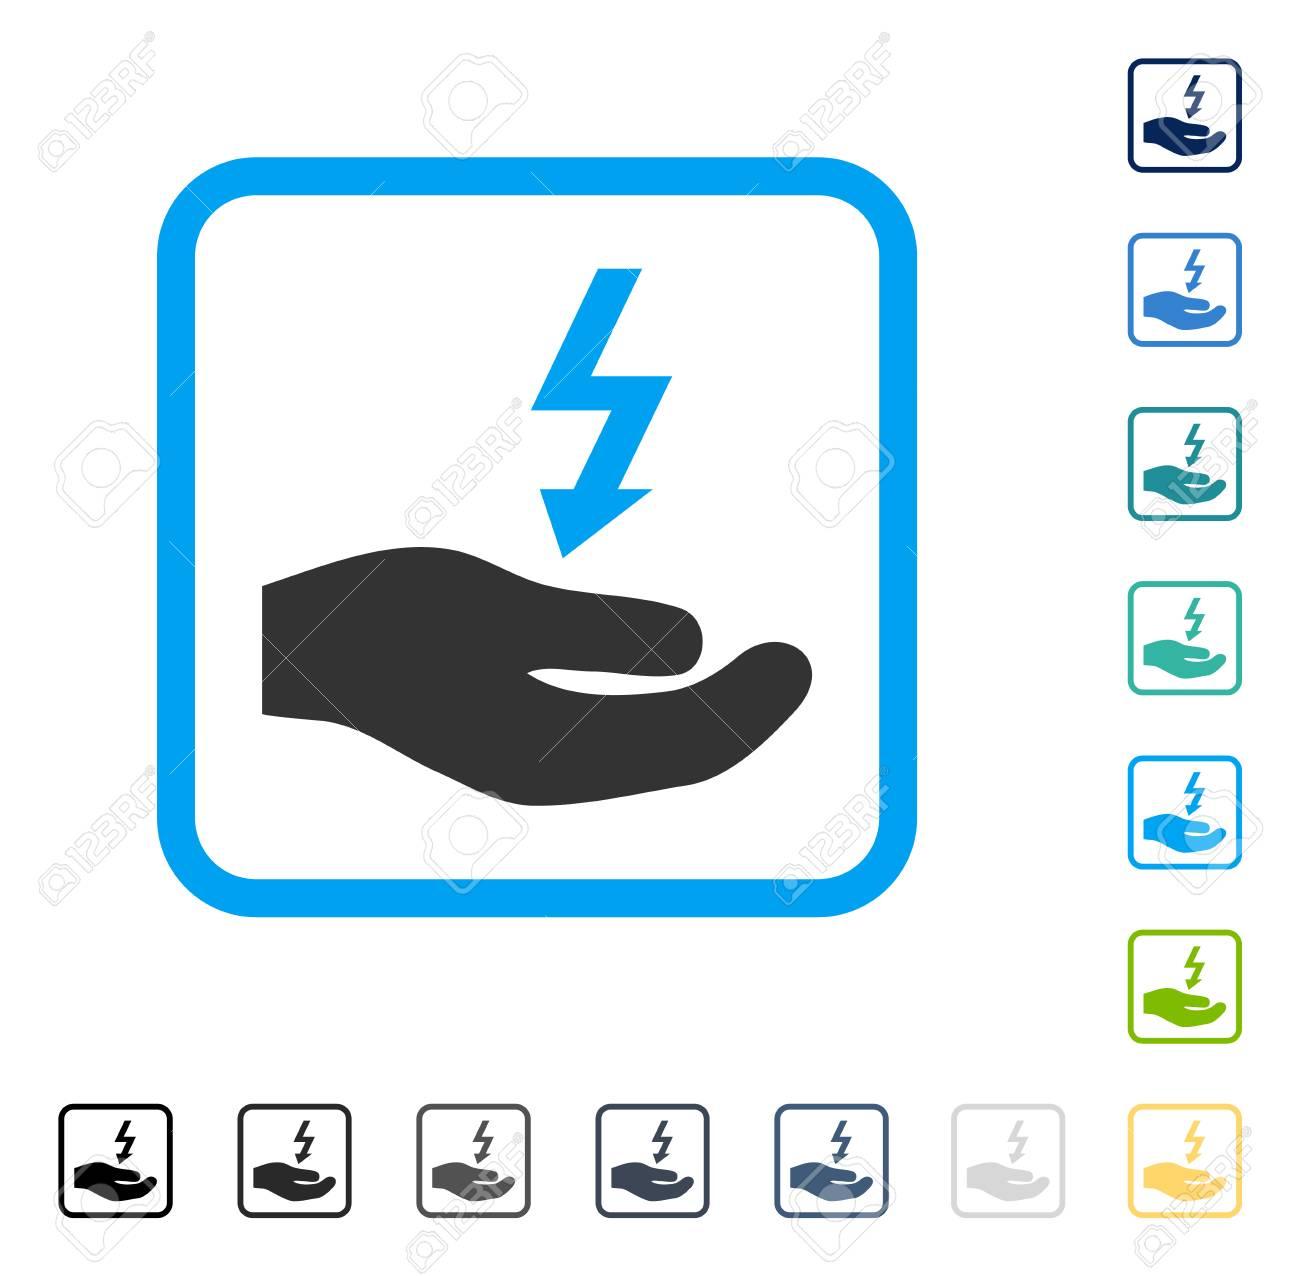 Icono De Mano De Suministro De Electricidad Dentro De Marco De ...